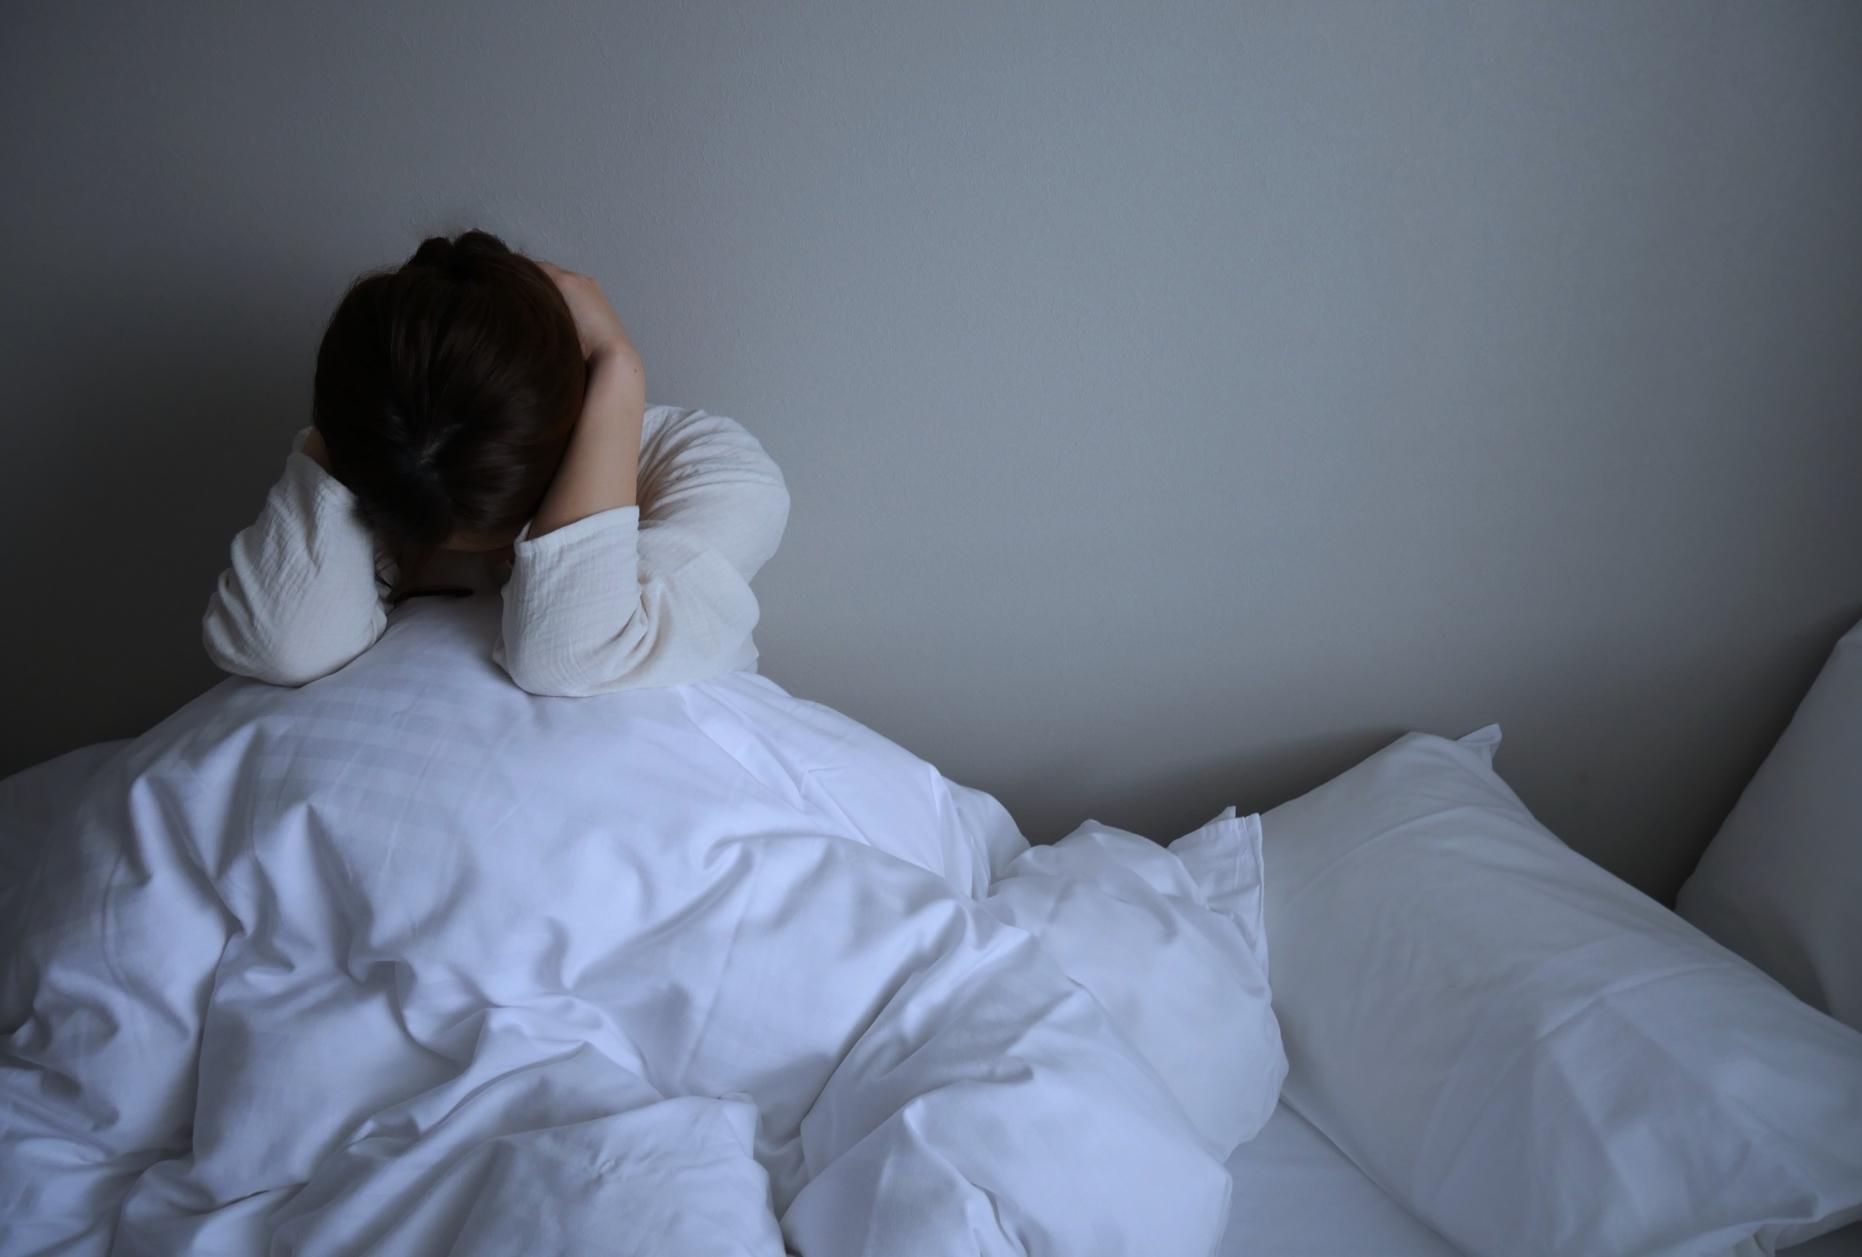 鬱病気味で精神的につらい・苦しいと感じたら退職代行【うつ病・統合失調症】